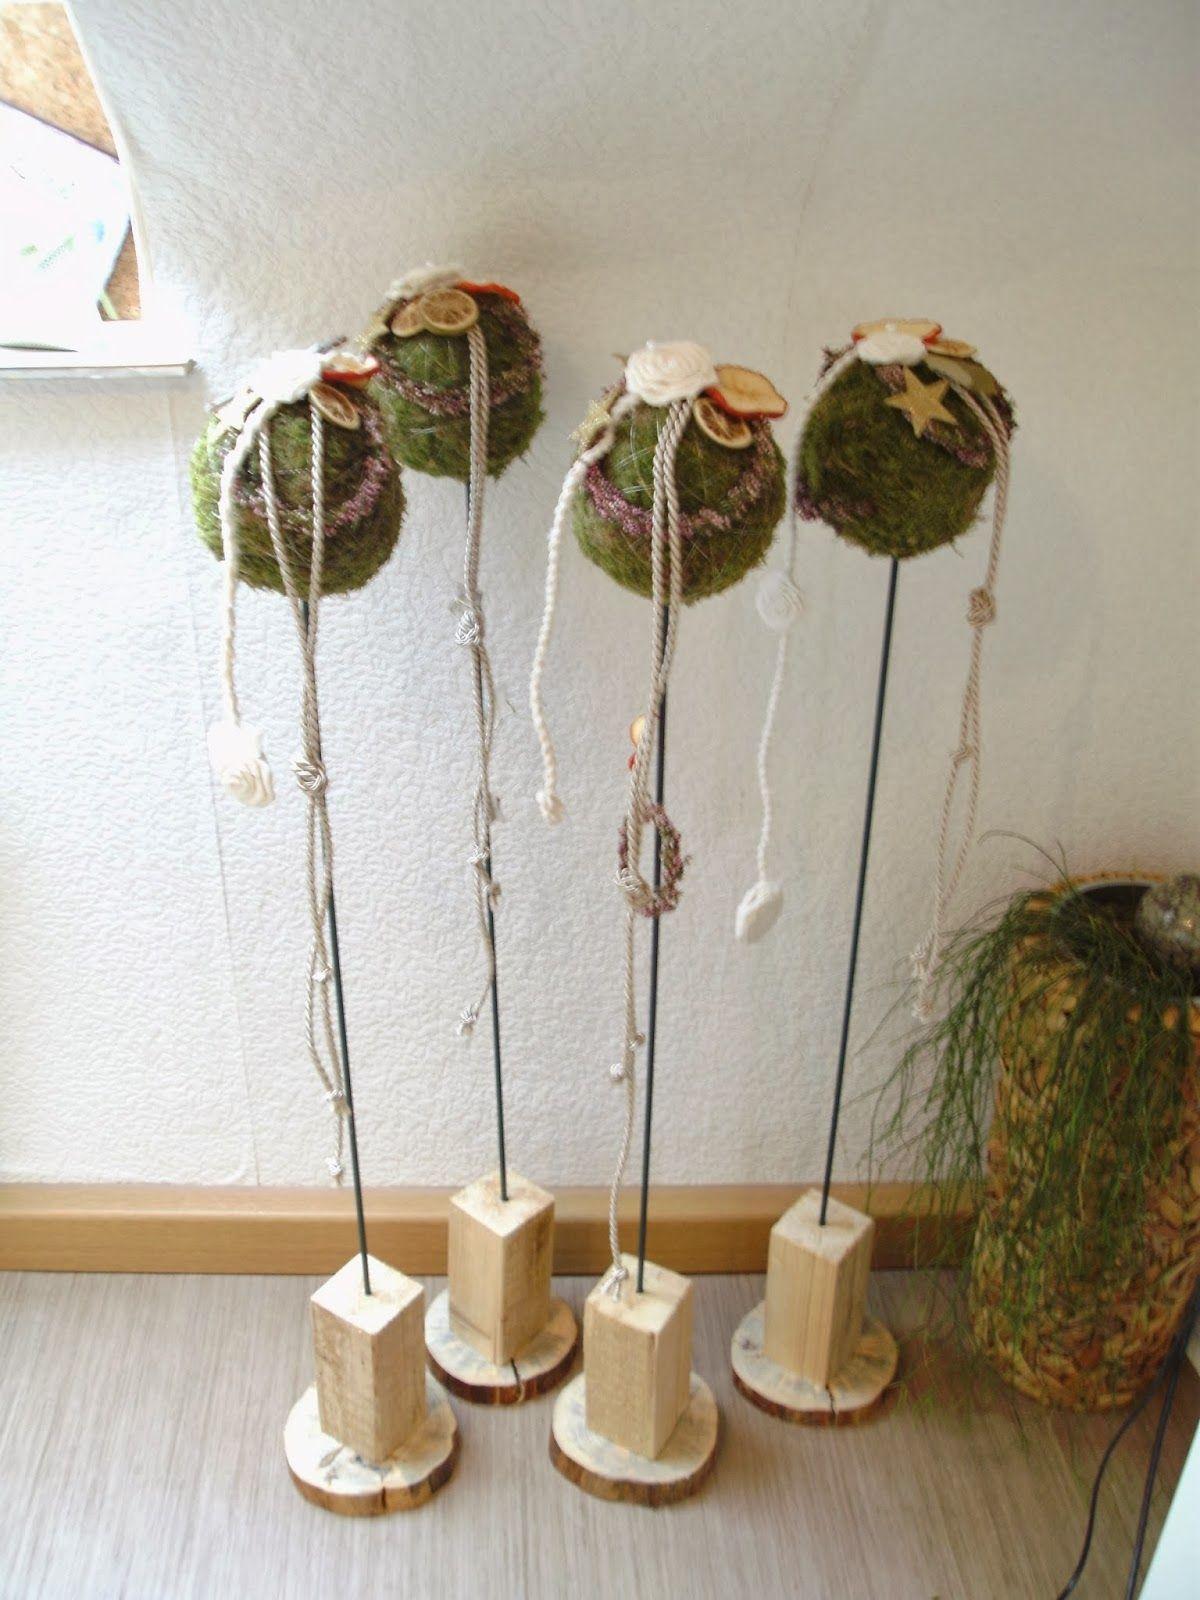 sandra s bastelzimmer verr ckt und ausgestanzt adventsbasar floristik pinterest. Black Bedroom Furniture Sets. Home Design Ideas